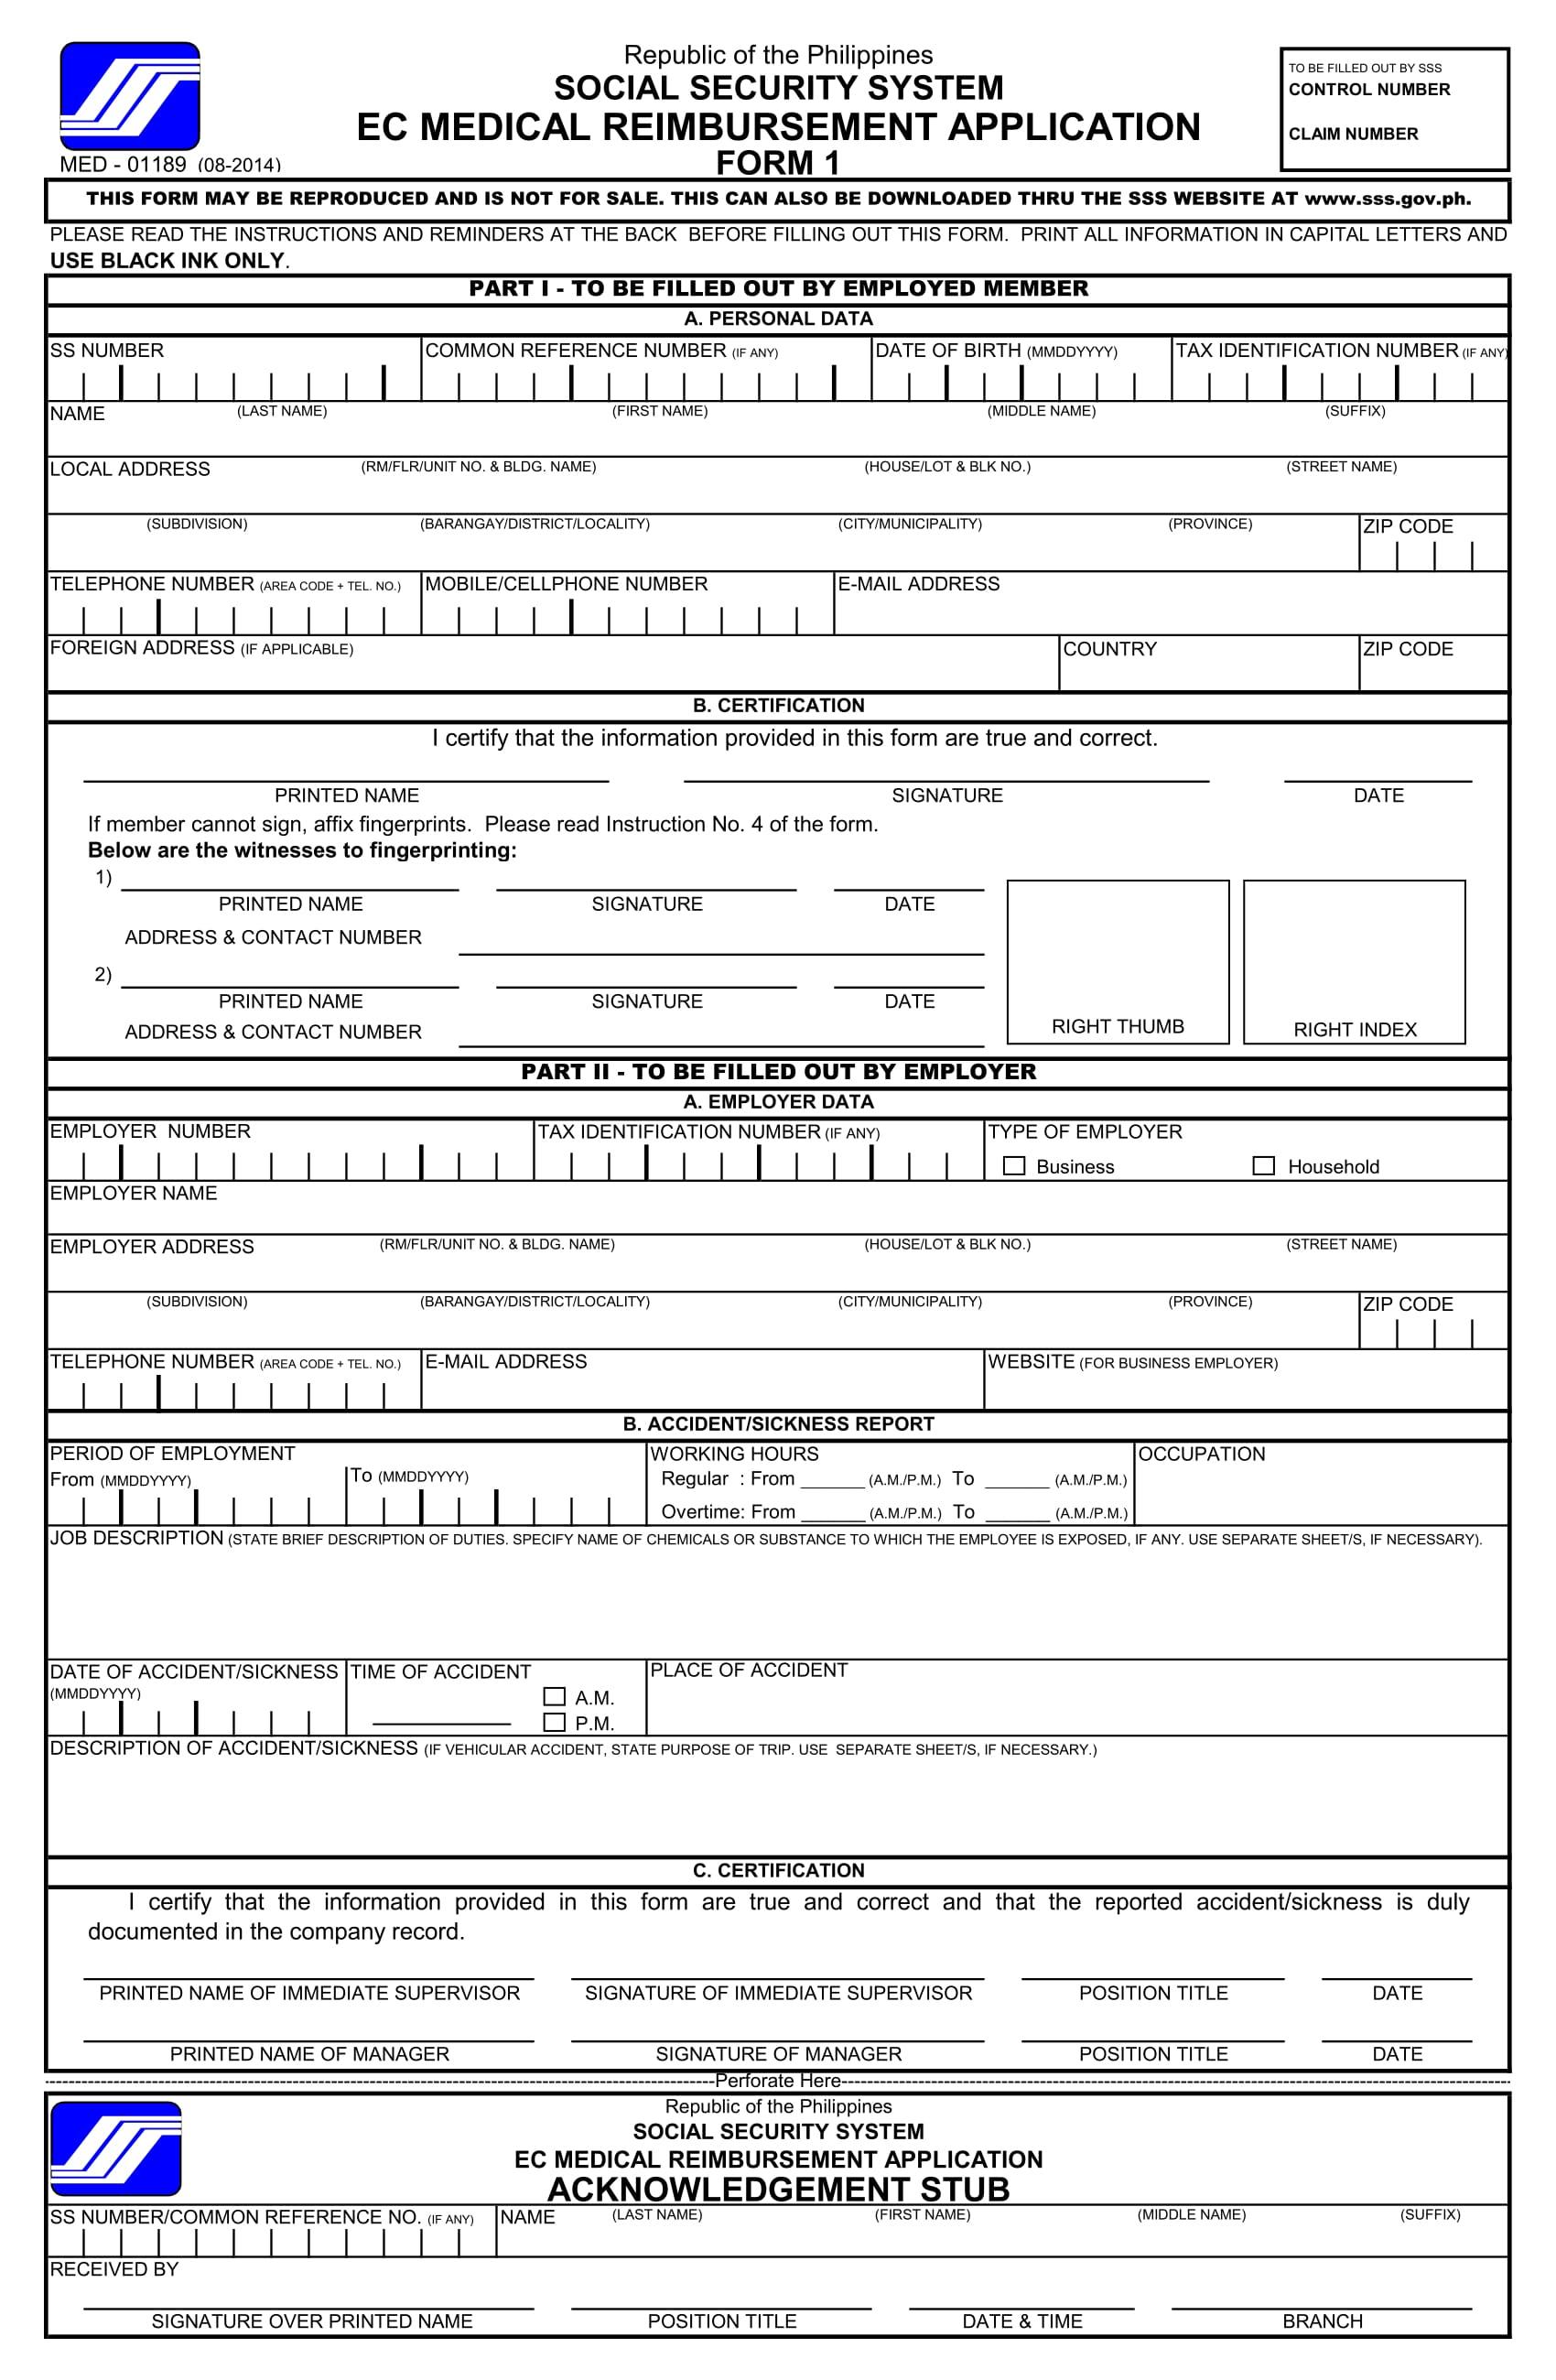 medical reimbursement application form 1